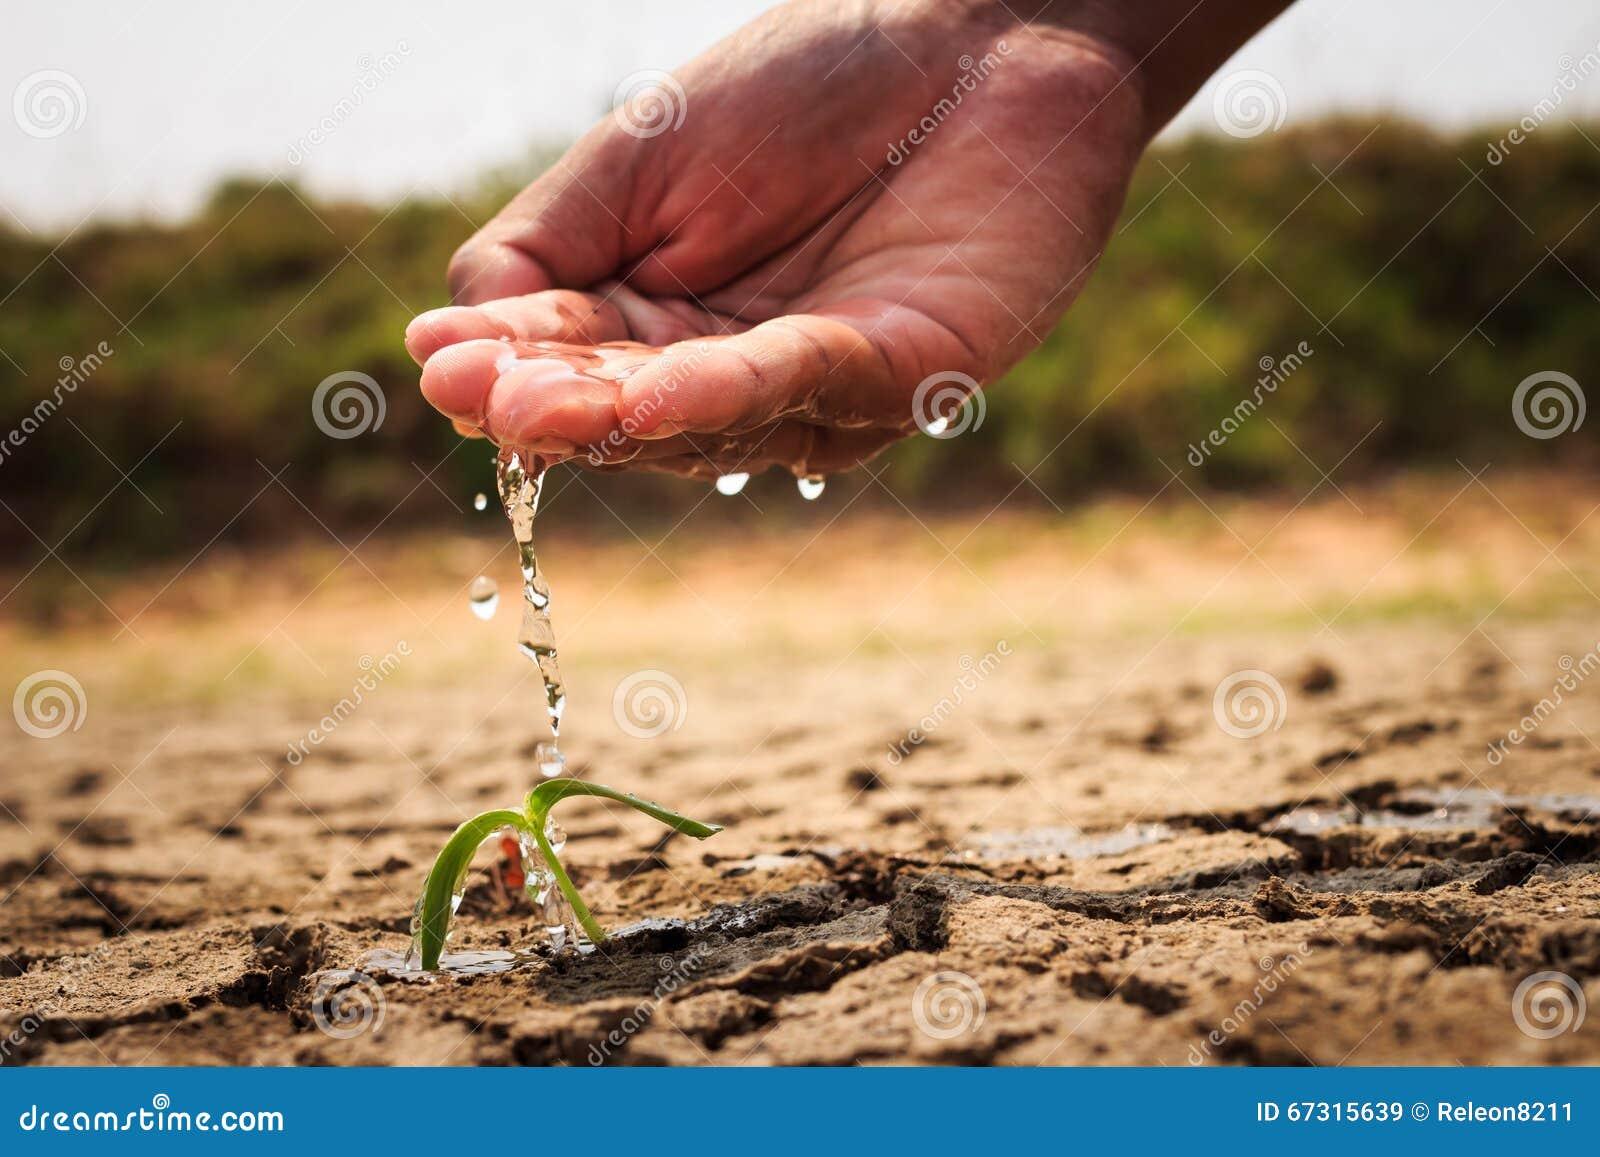 浇灌地面的手贫瘠